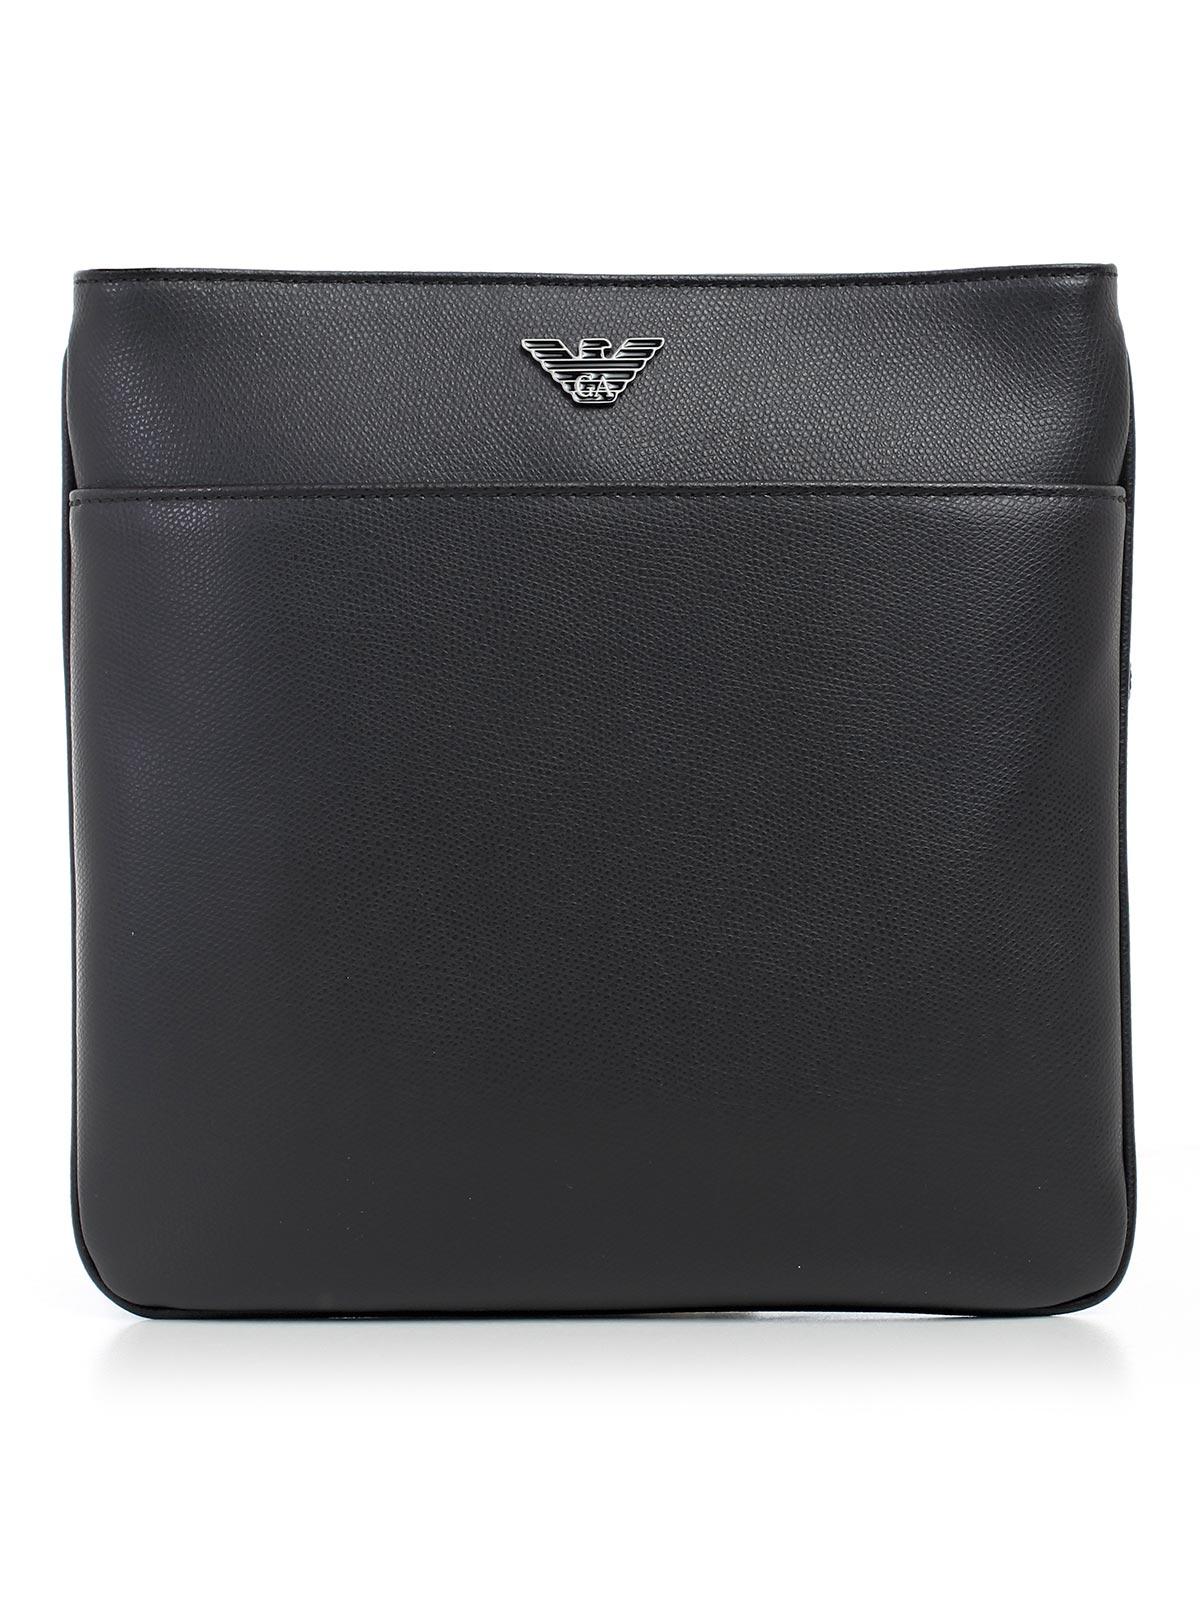 Picture of Emporio Armani Shoulder Bag